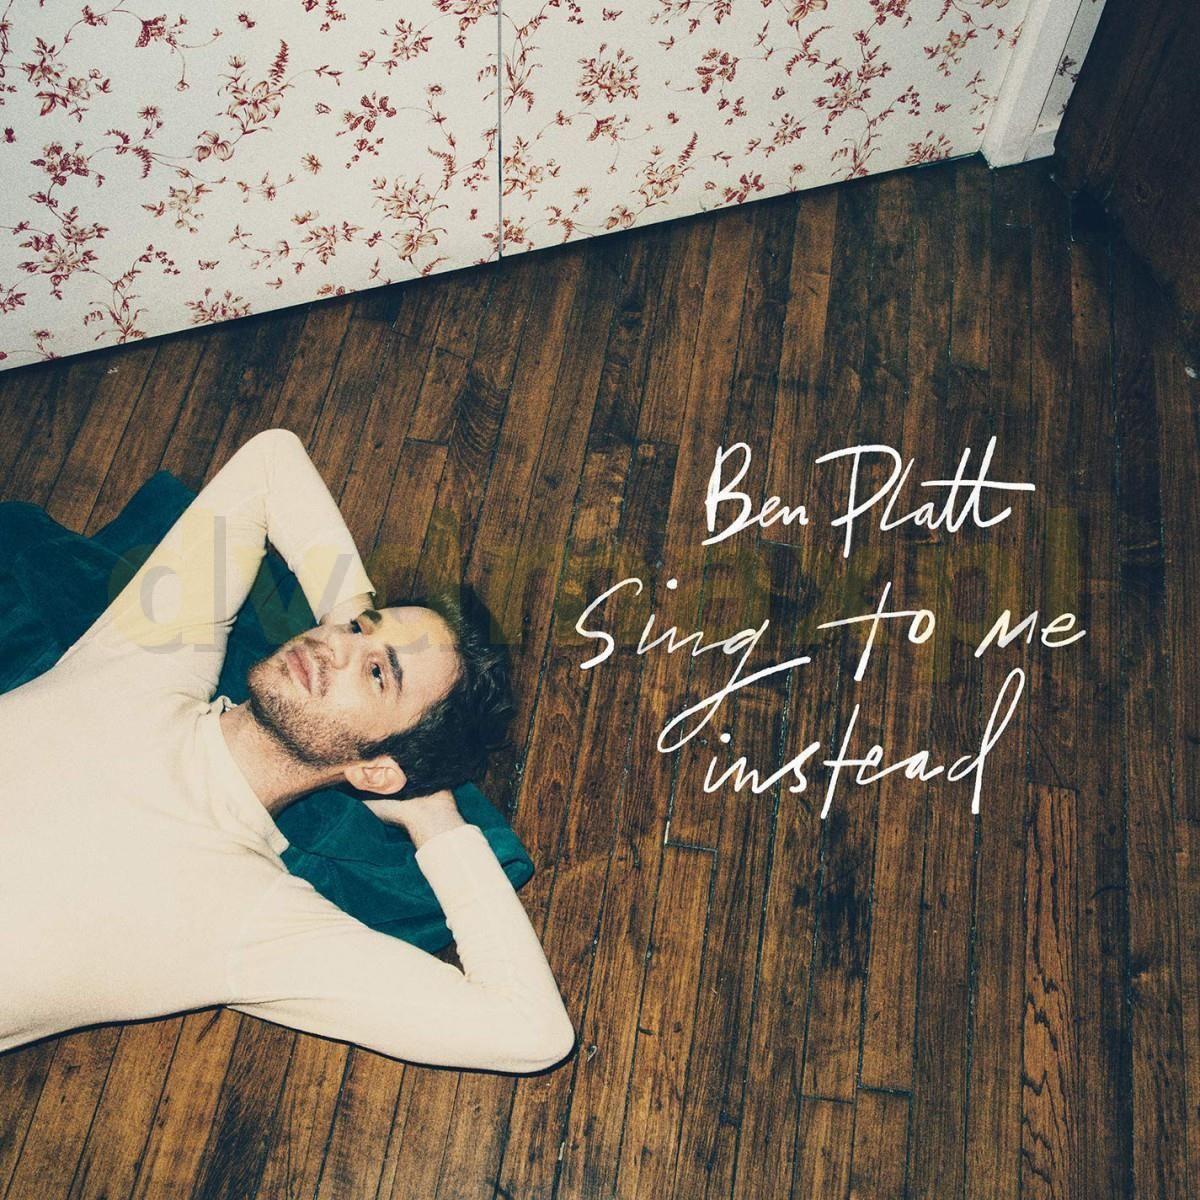 Znalezione obrazy dla zapytania Ben Platt - Sing to Me Instead